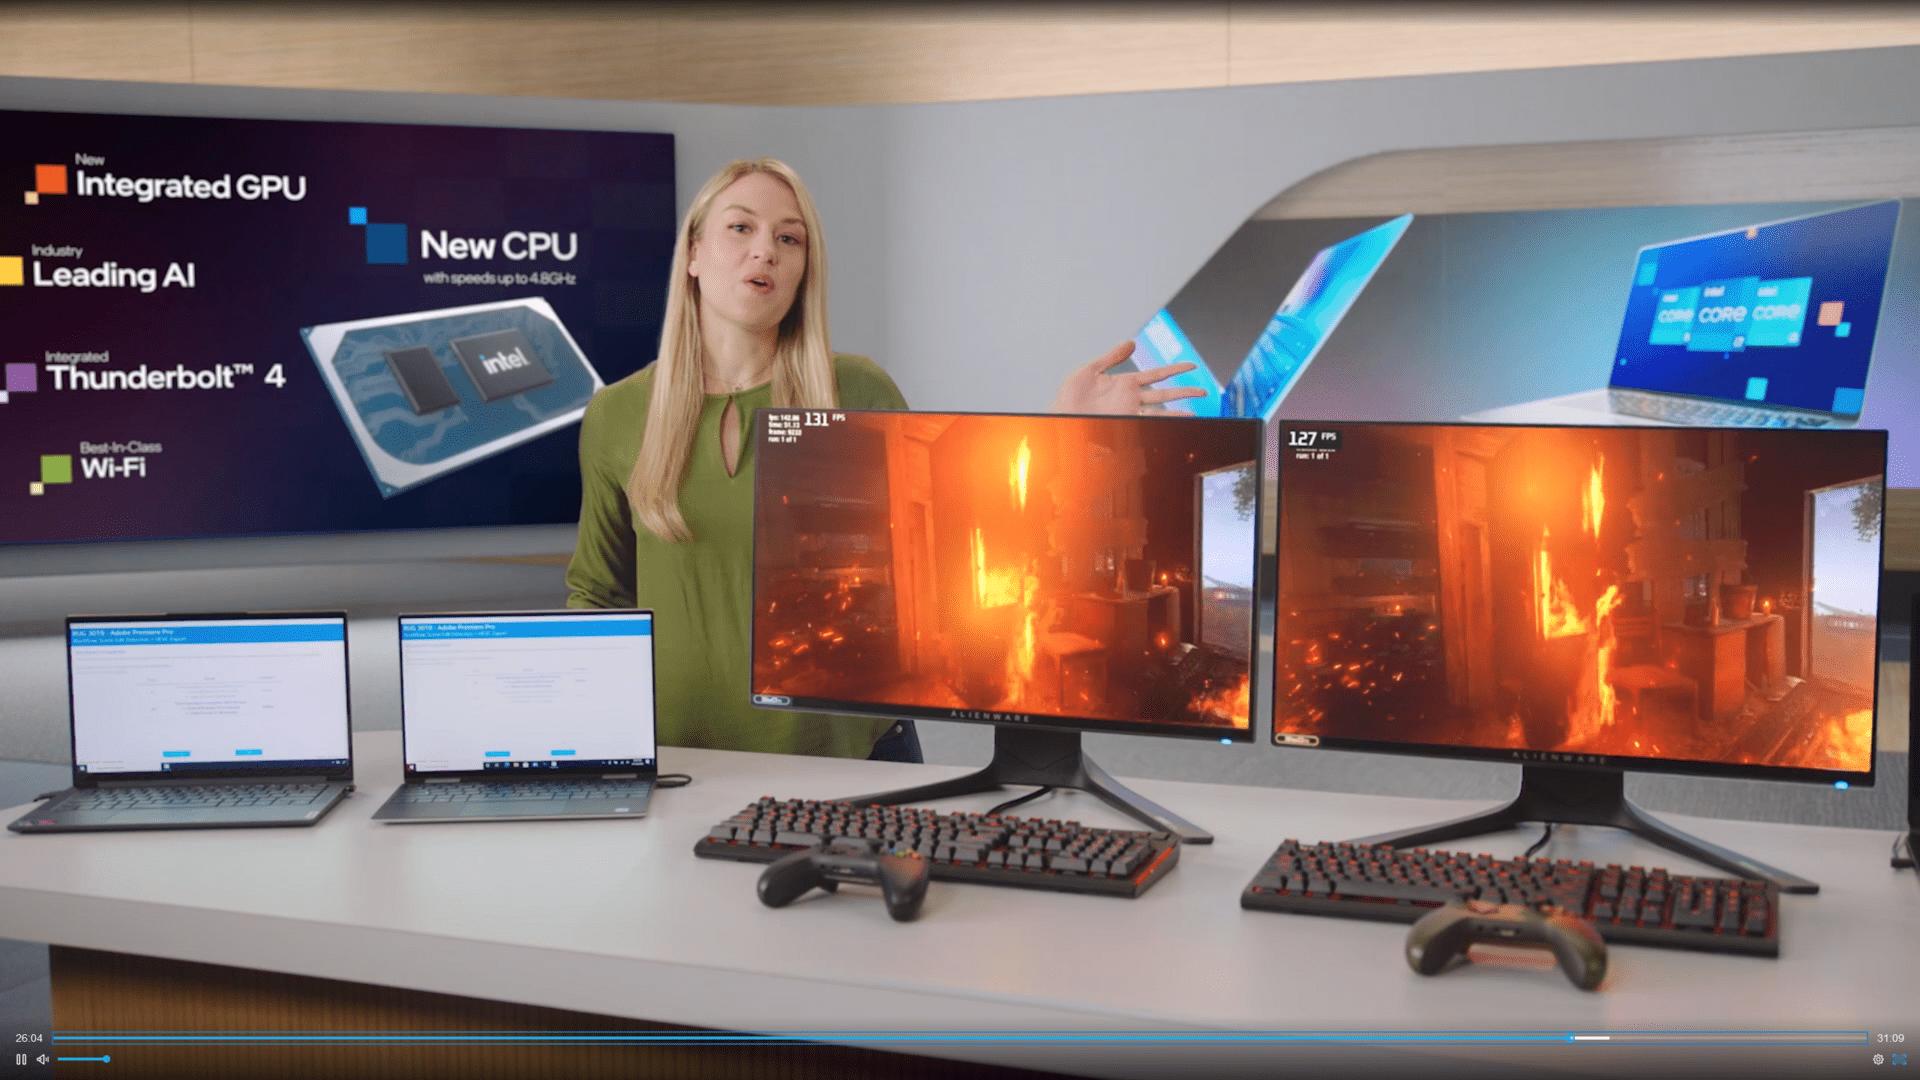 Hersteller-Benchmarks: Intel Core i9-11900K gegen AMD Ryzen 9 5900X